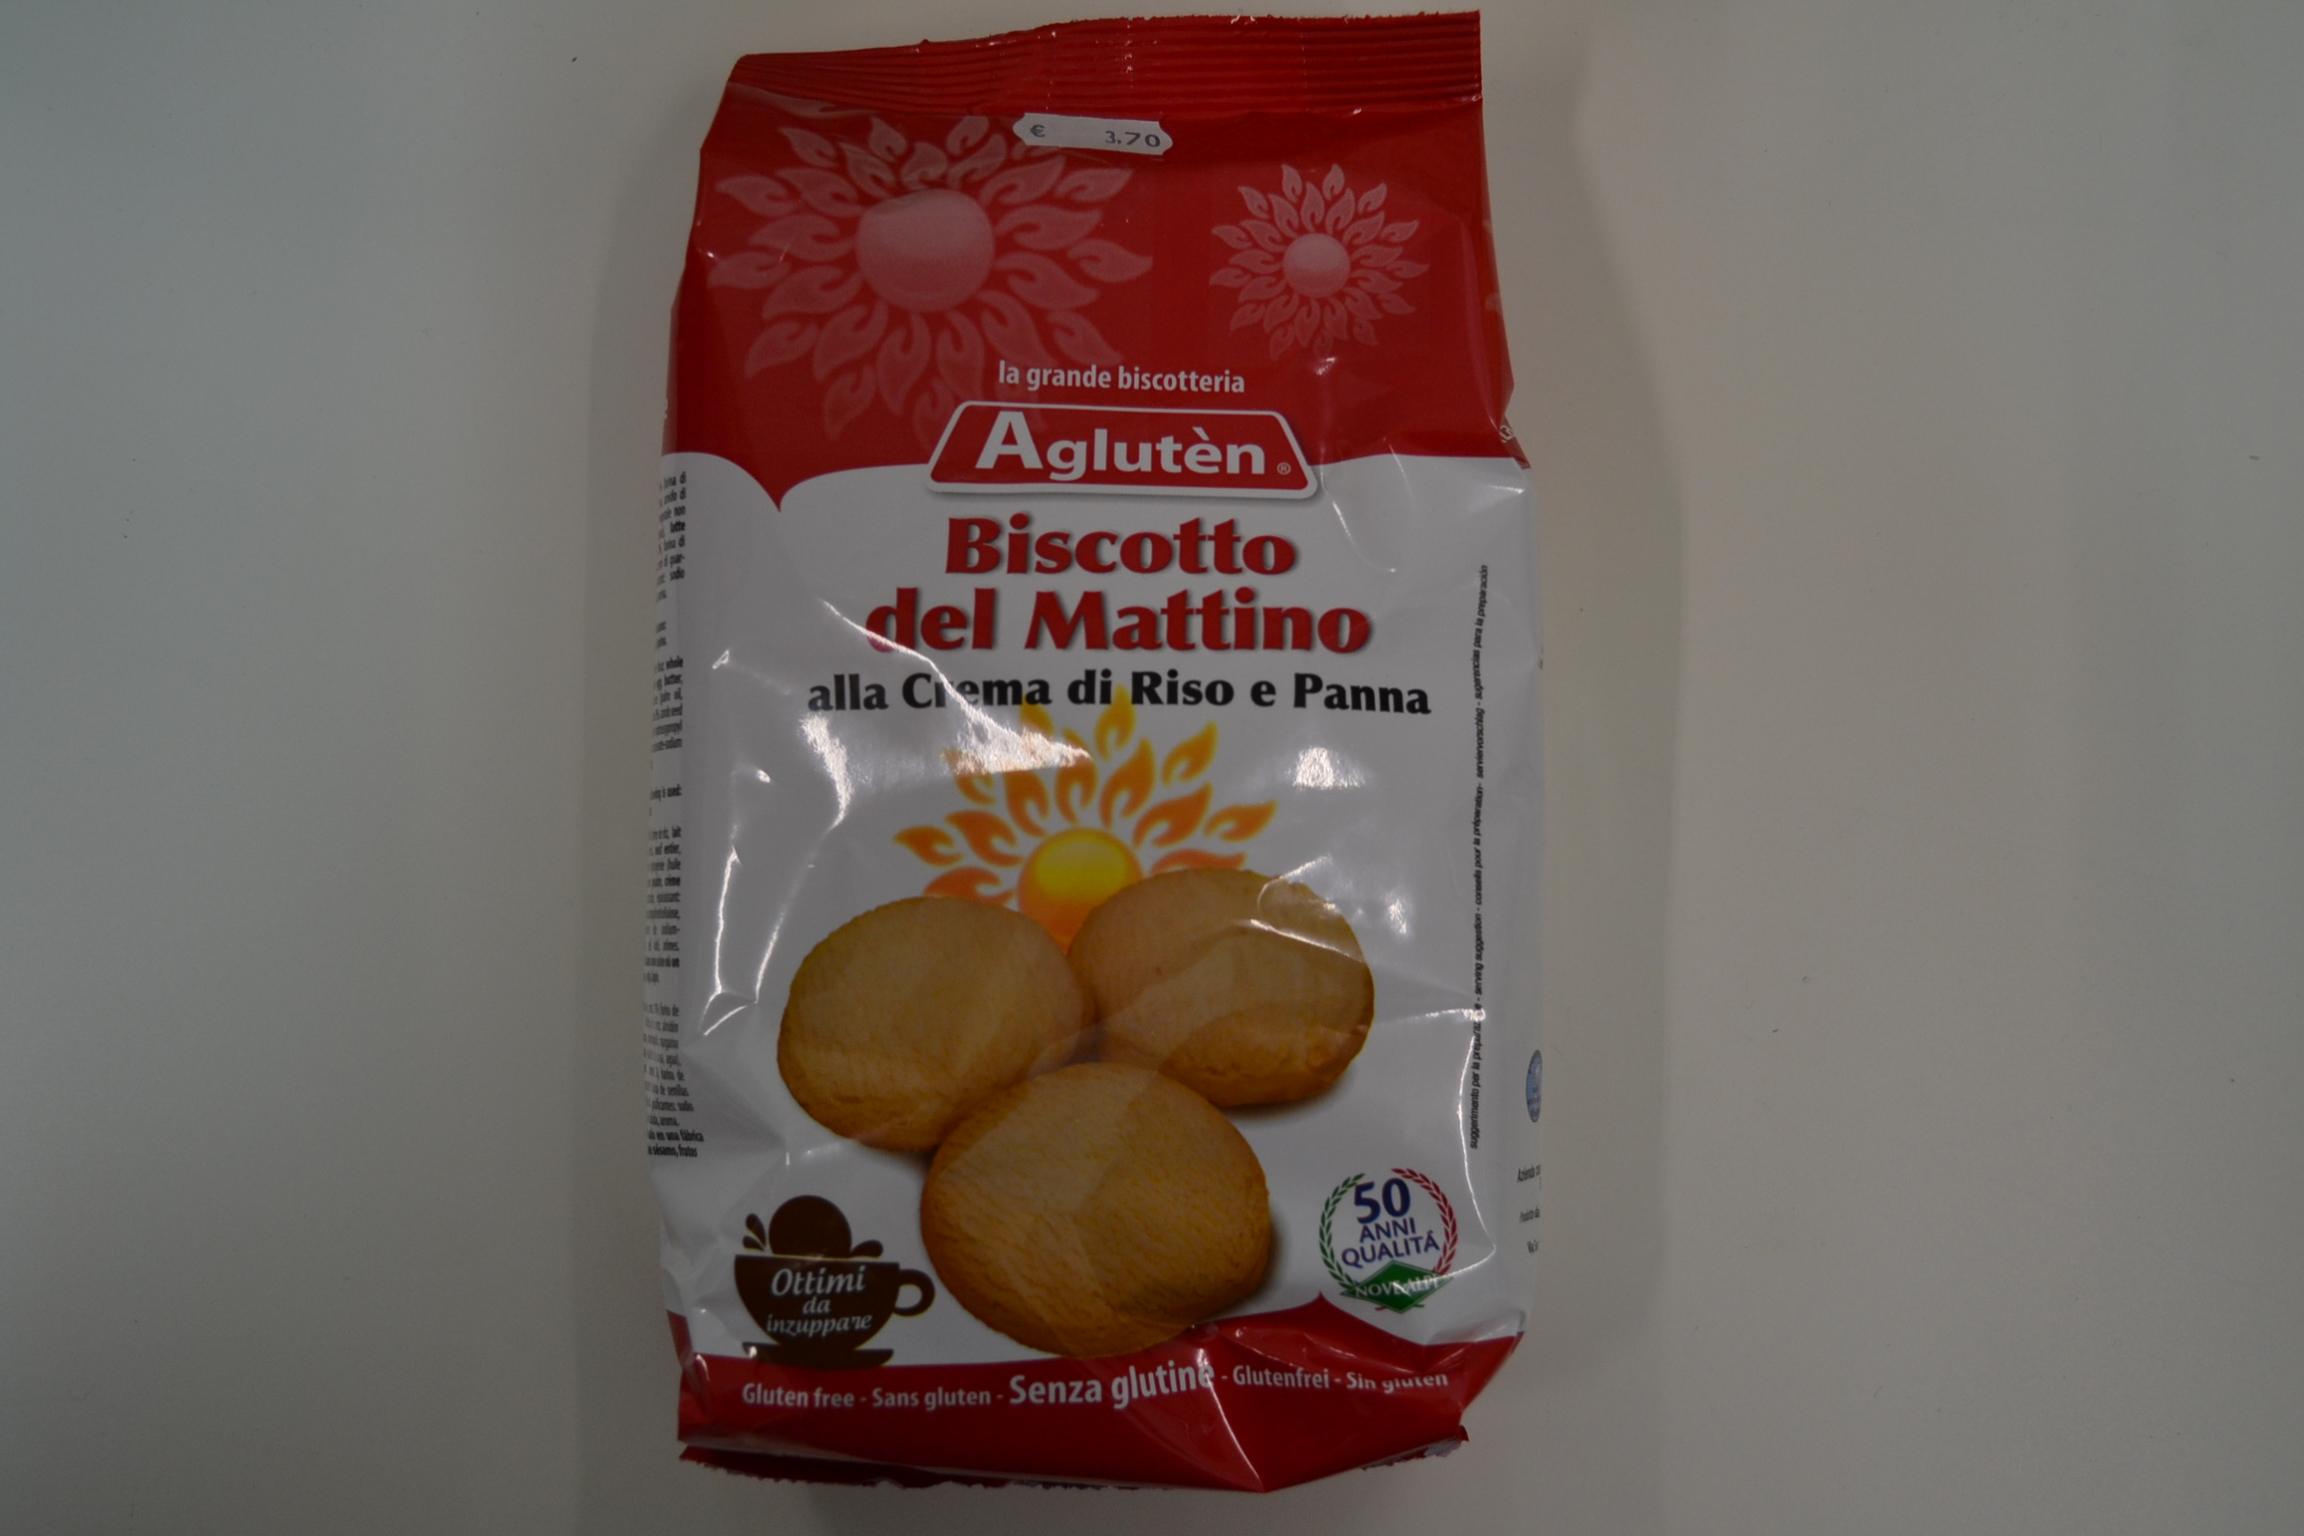 Biscotto del mattino alla crema di riso e panna AGLUTEN